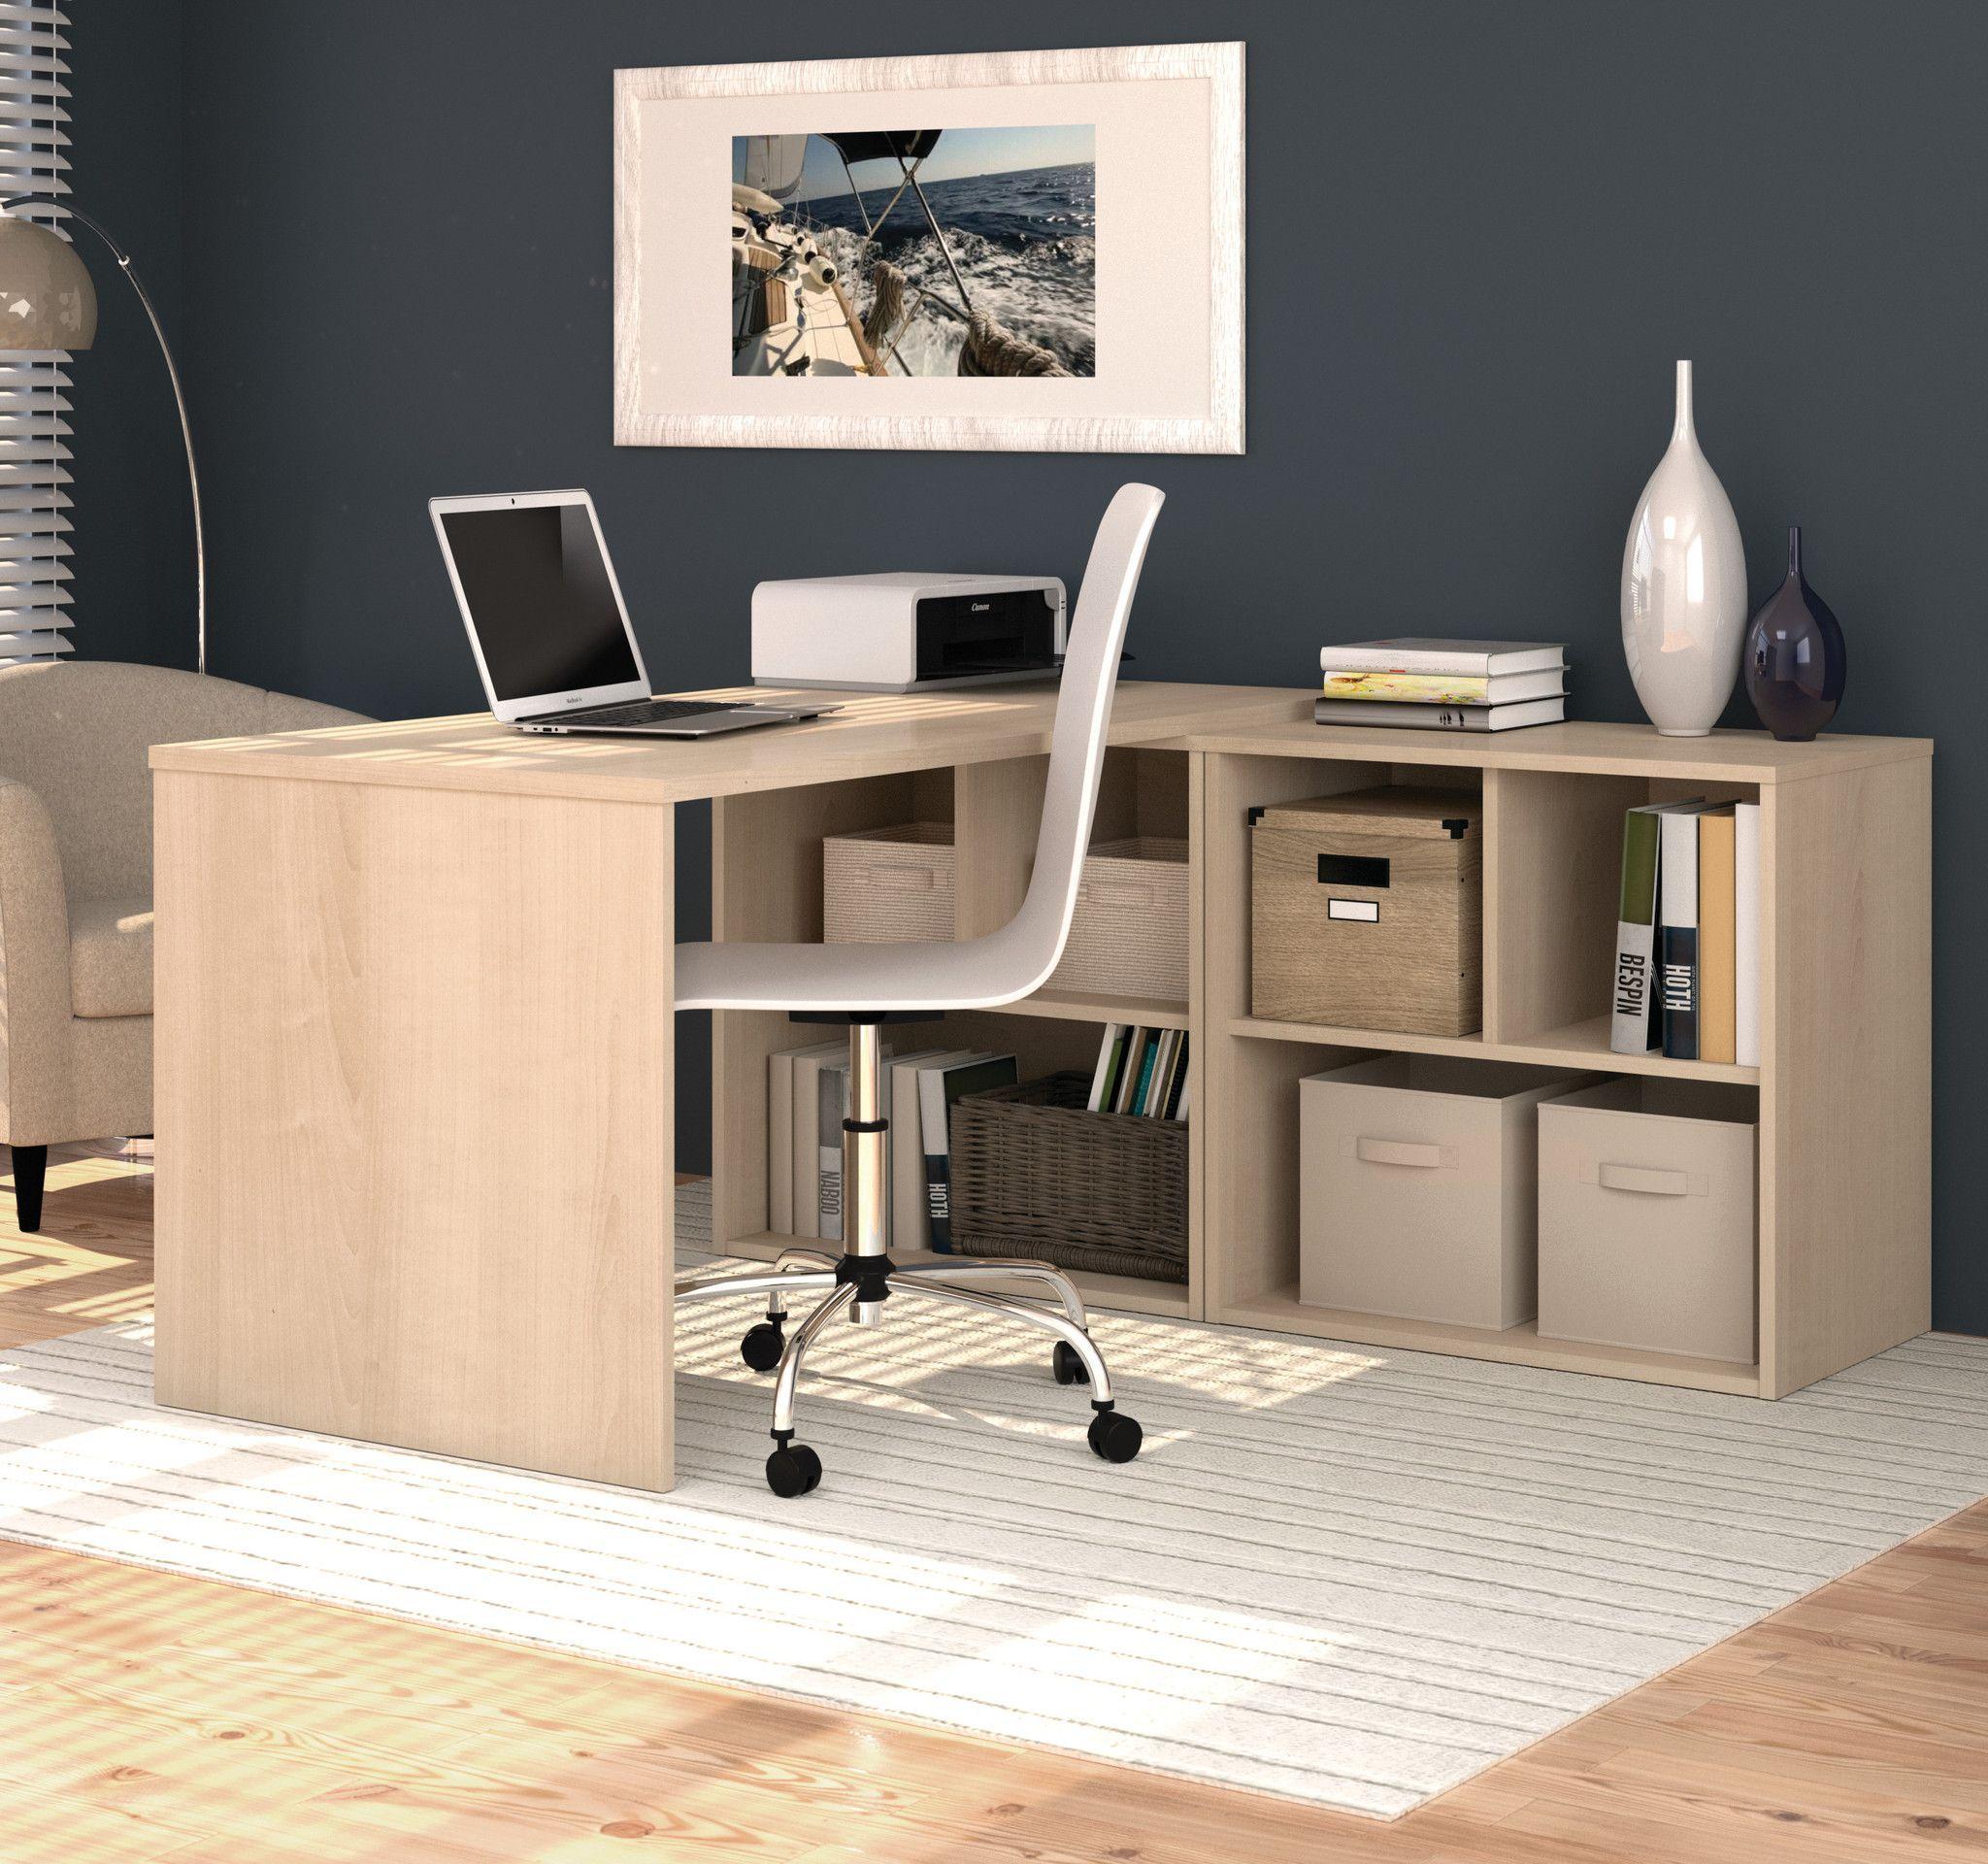 Modern L Shaped Desk With Integrated Shelves In Northern Maple L Shaped Desk Desk Storage Modern L Shaped Desk